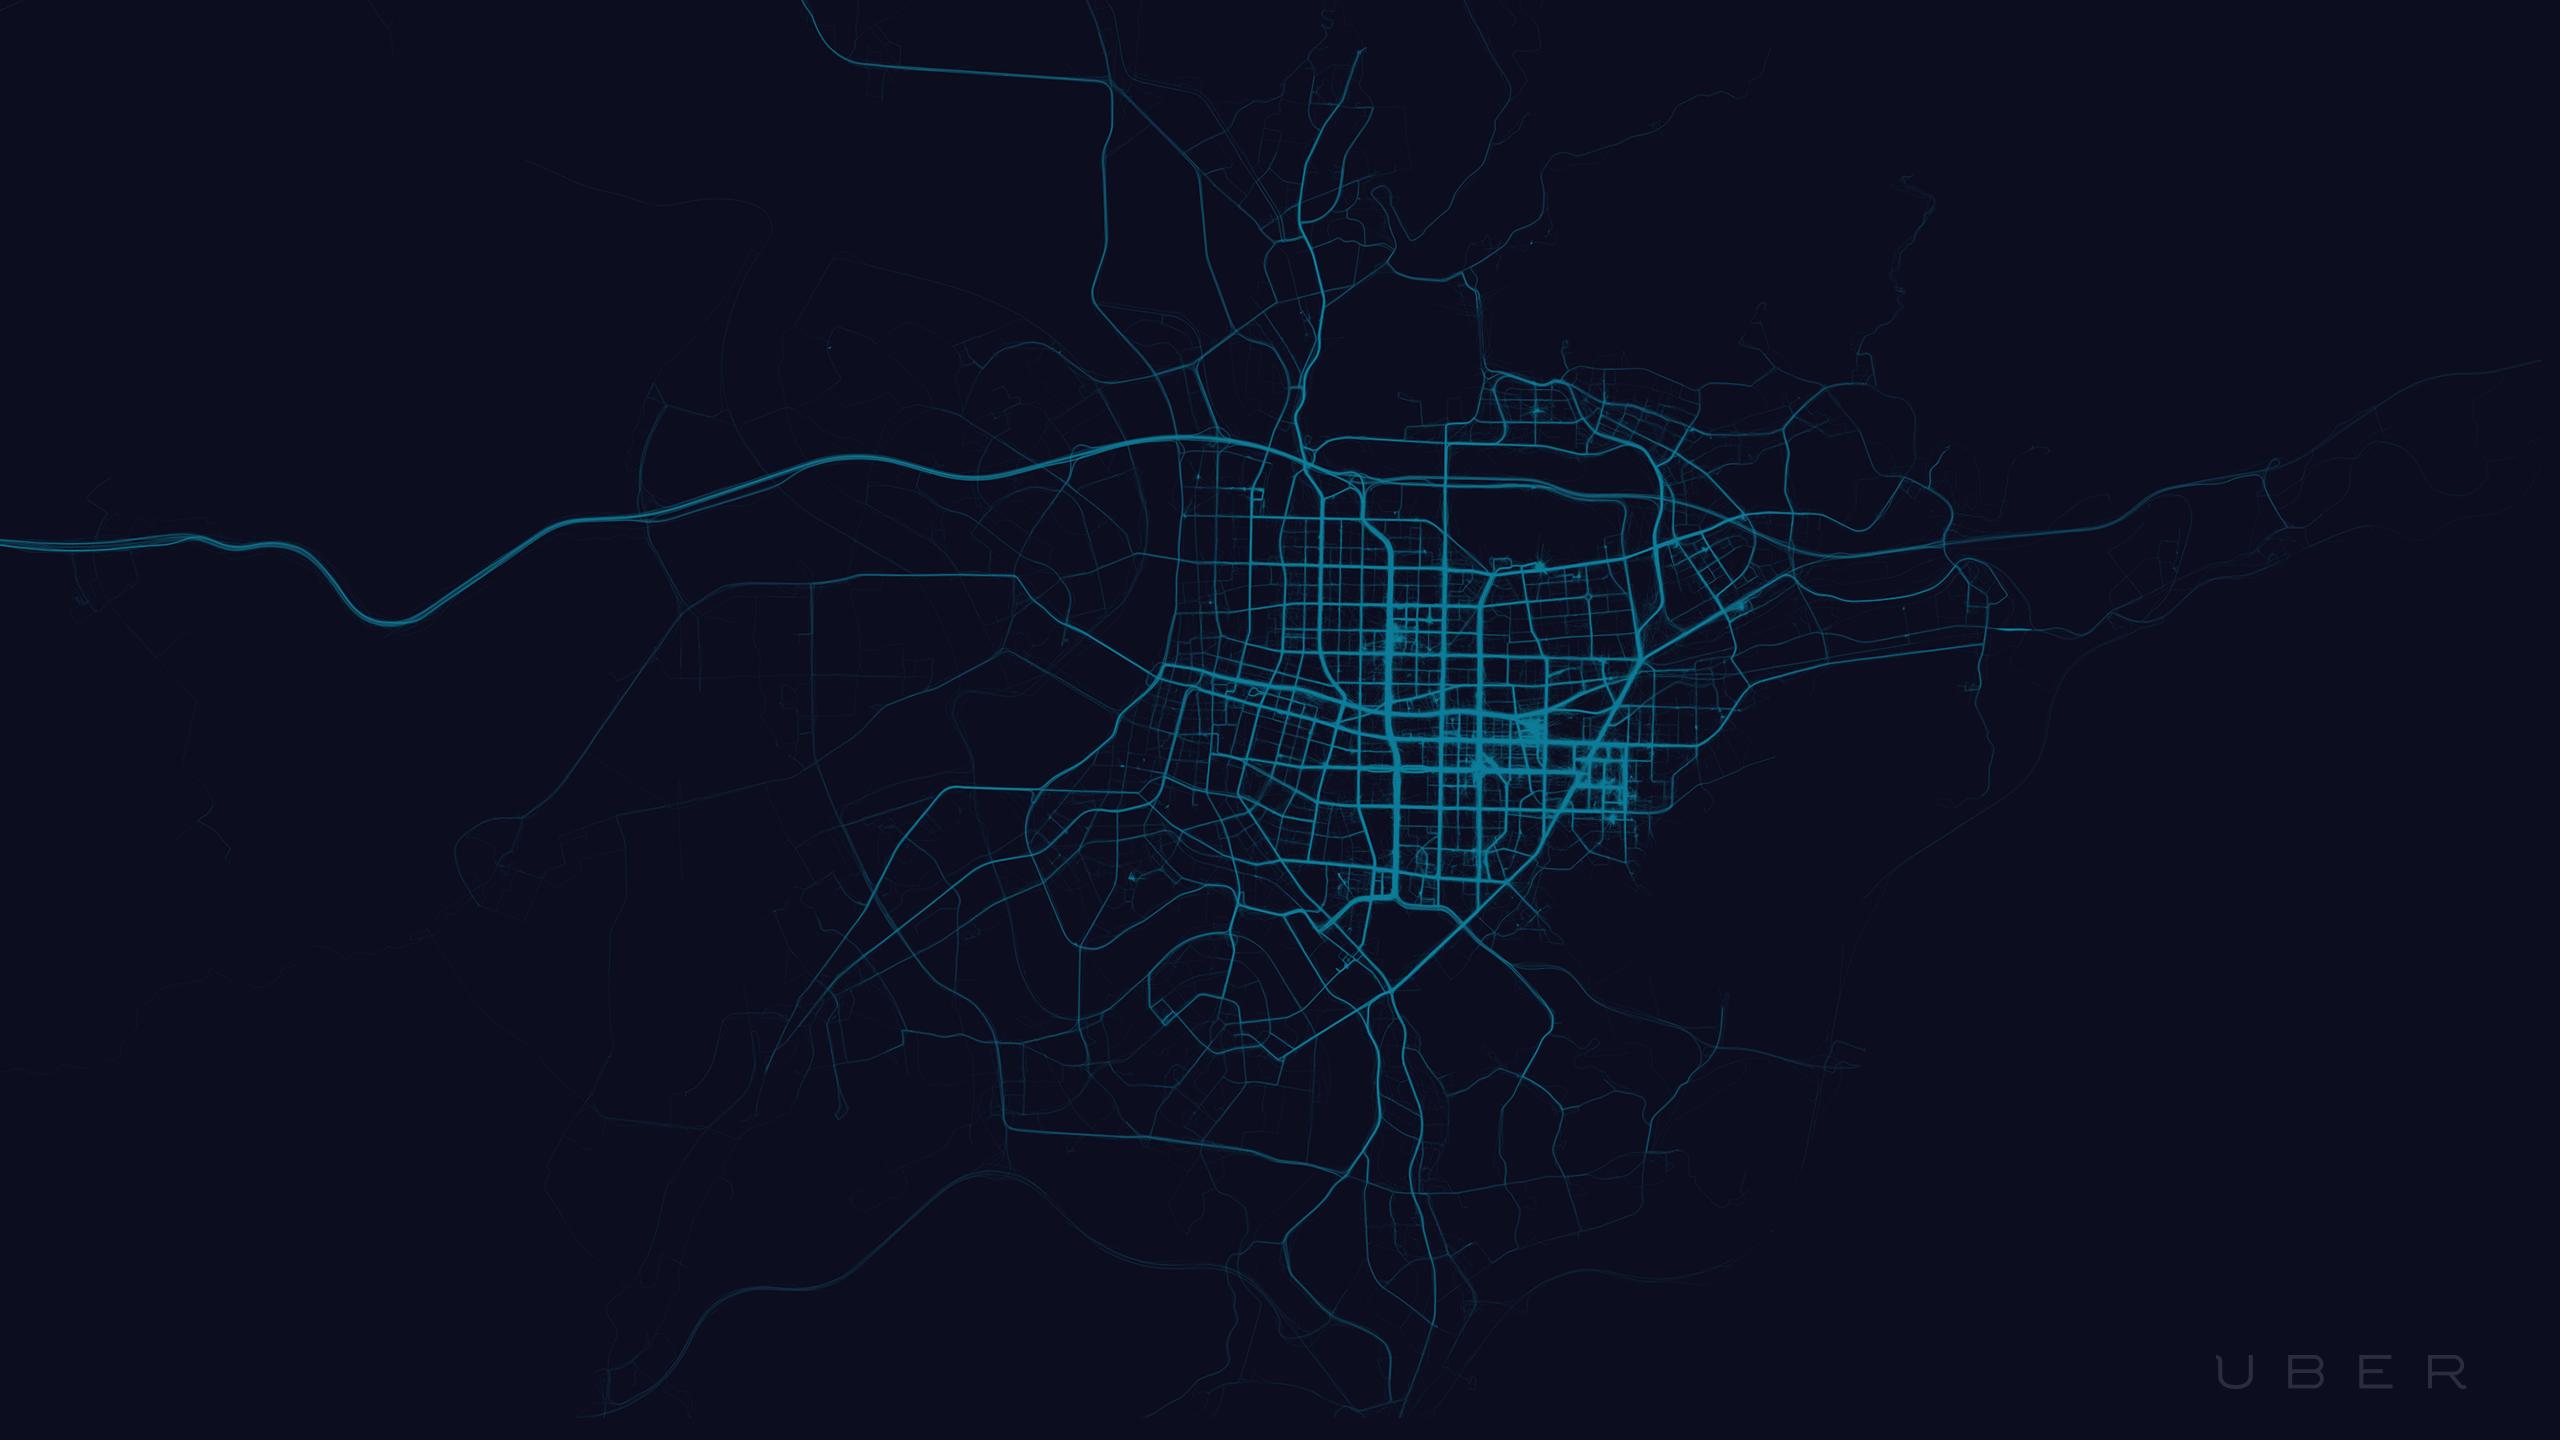 uber-TaipeiMap